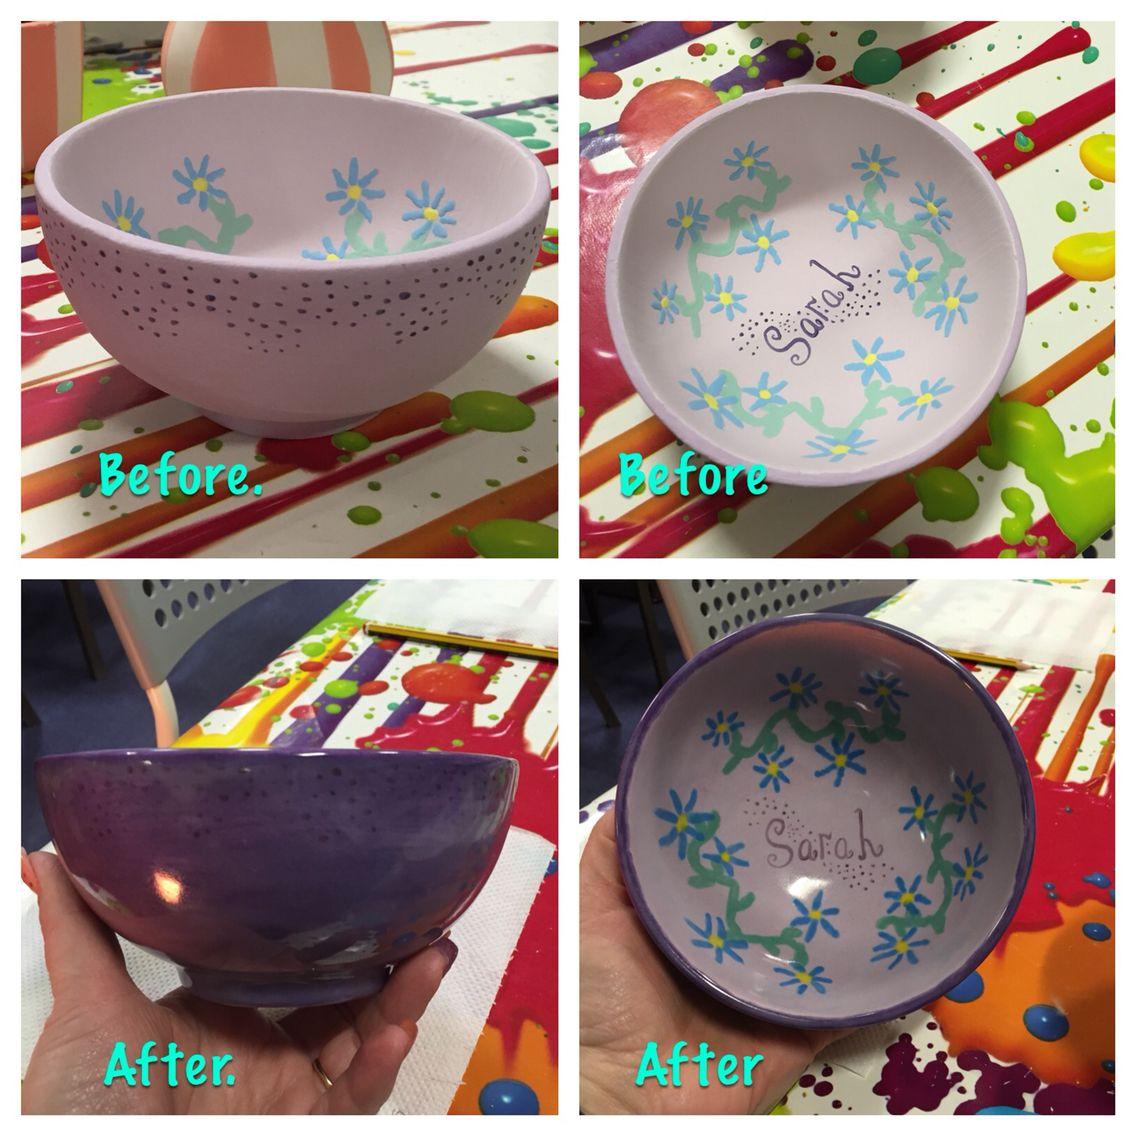 Sarah's bowl